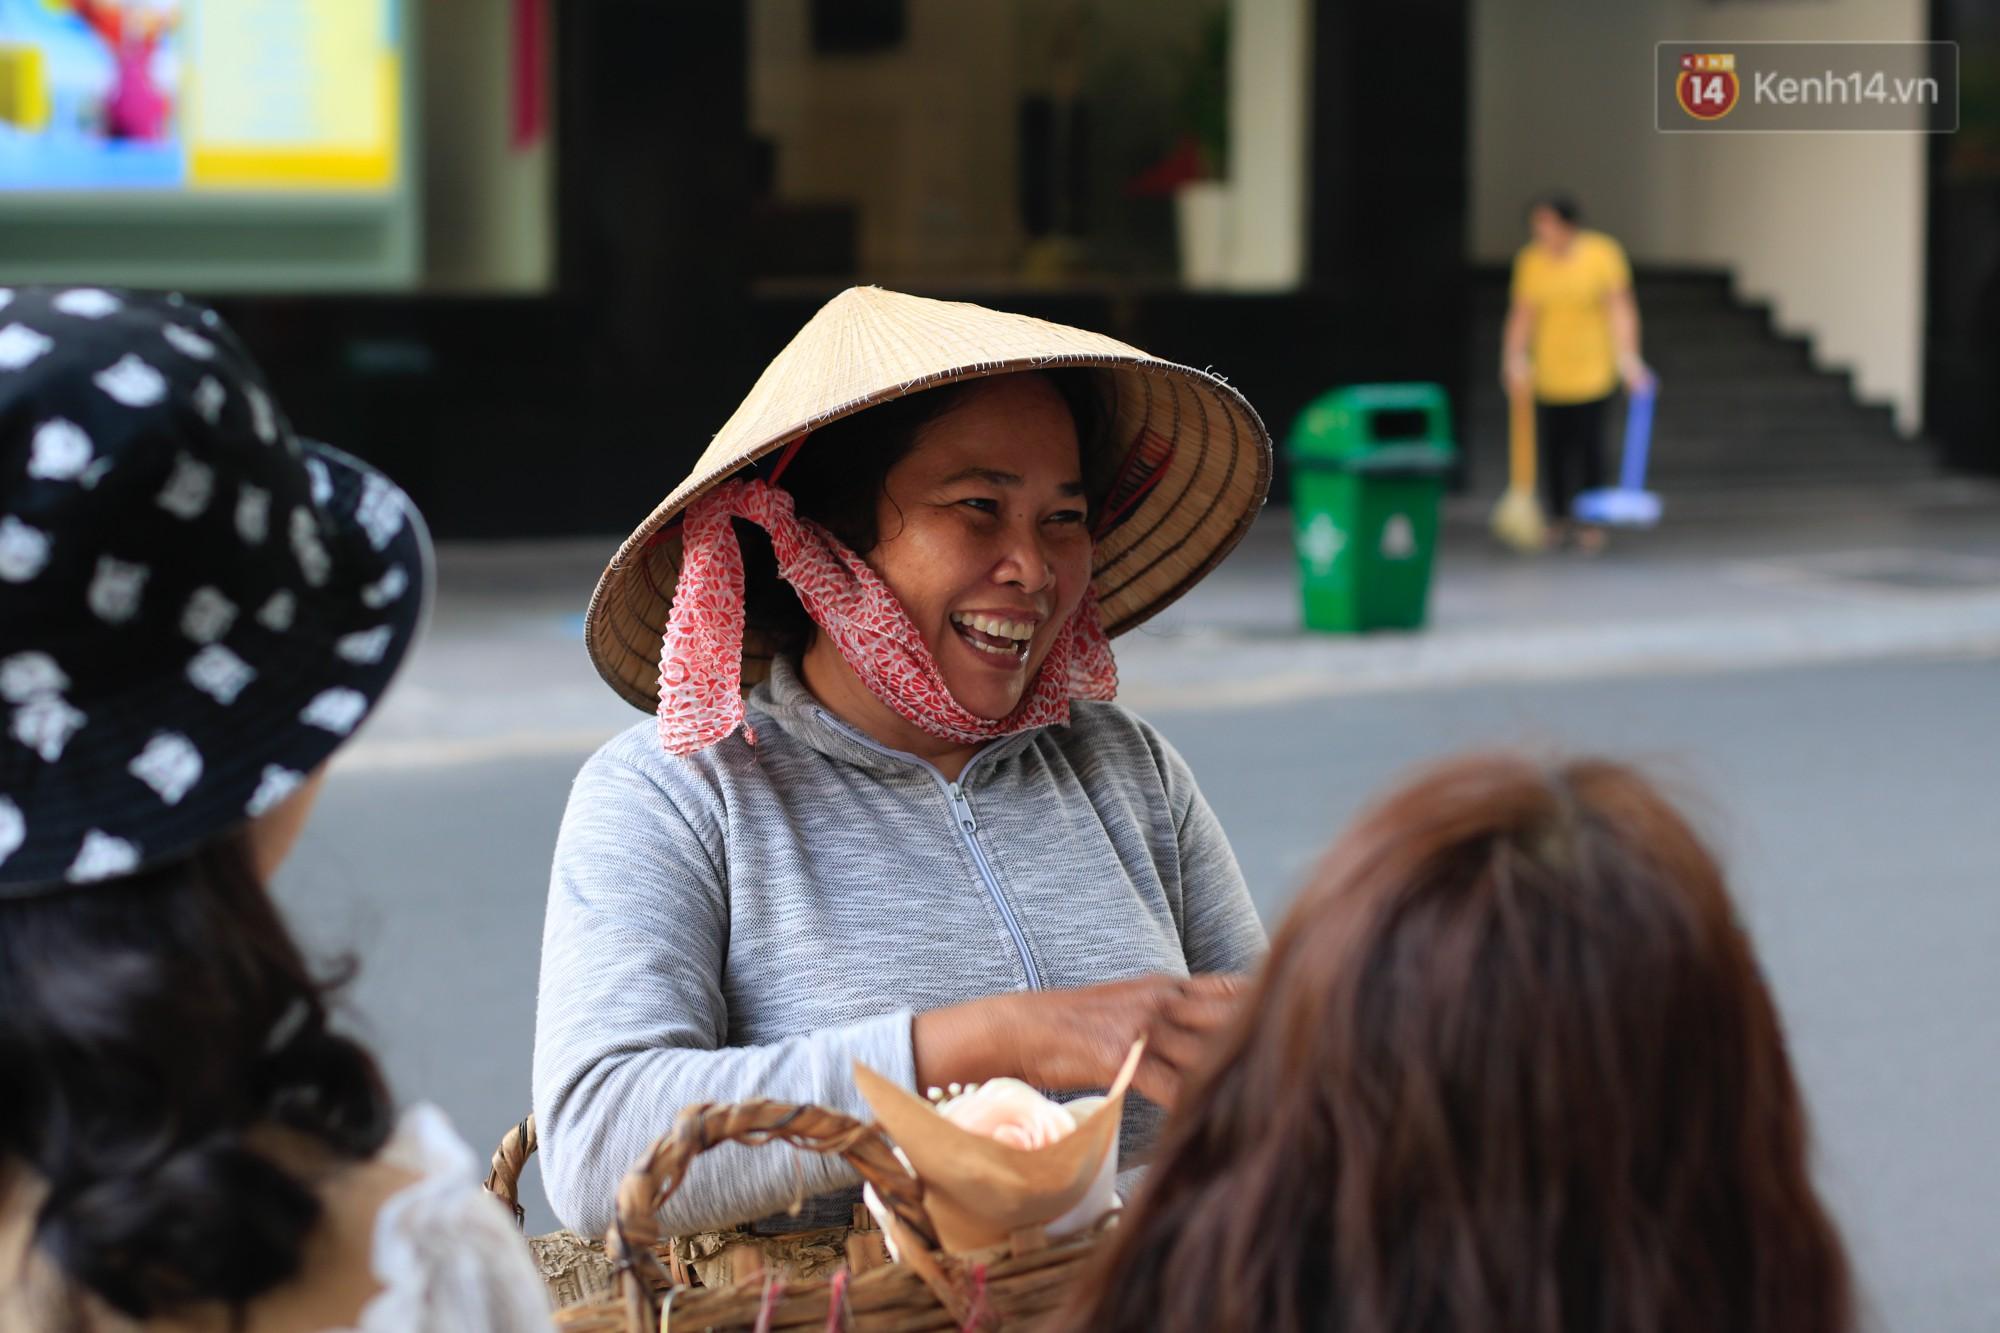 Nụ cười và giọt nước mắt của những người phụ nữ lam lũ trên đường phố Sài Gòn khi được tặng hoa 8/3 - Ảnh 6.